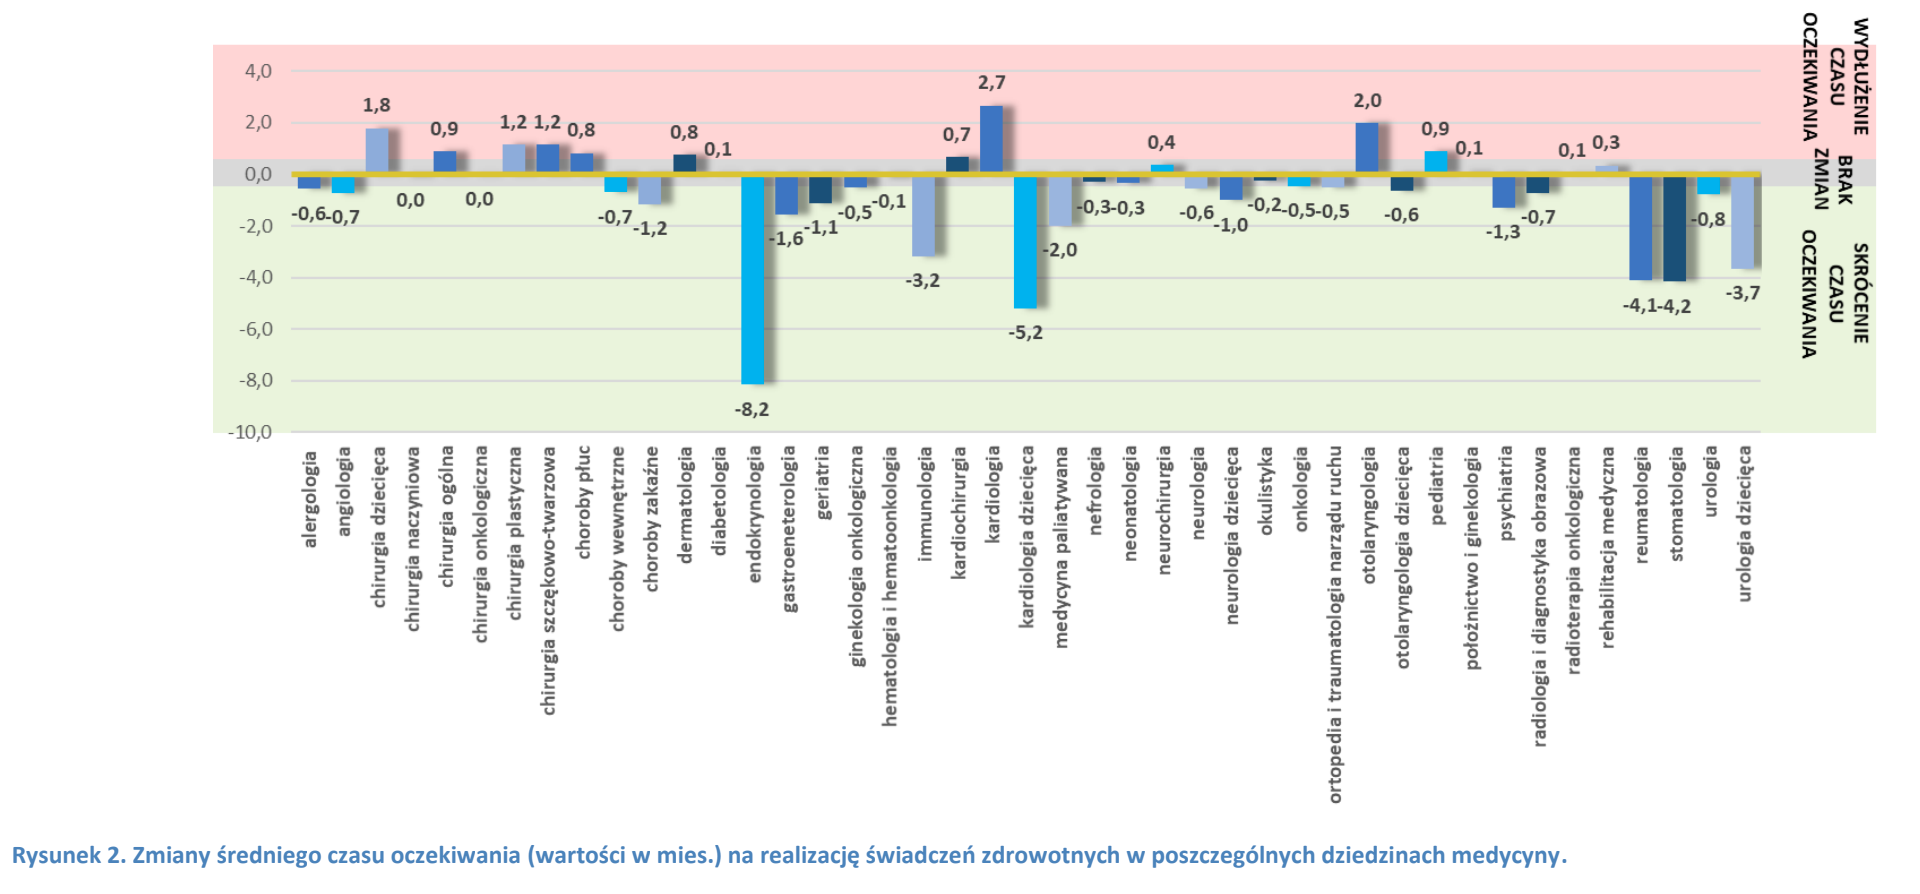 Zmiany średniego czasu oczekiwania na realizację świadczeń zdrowotnych w dziedzinach medycyny pomiędzy styczniem 2019 a wrześniem 2021